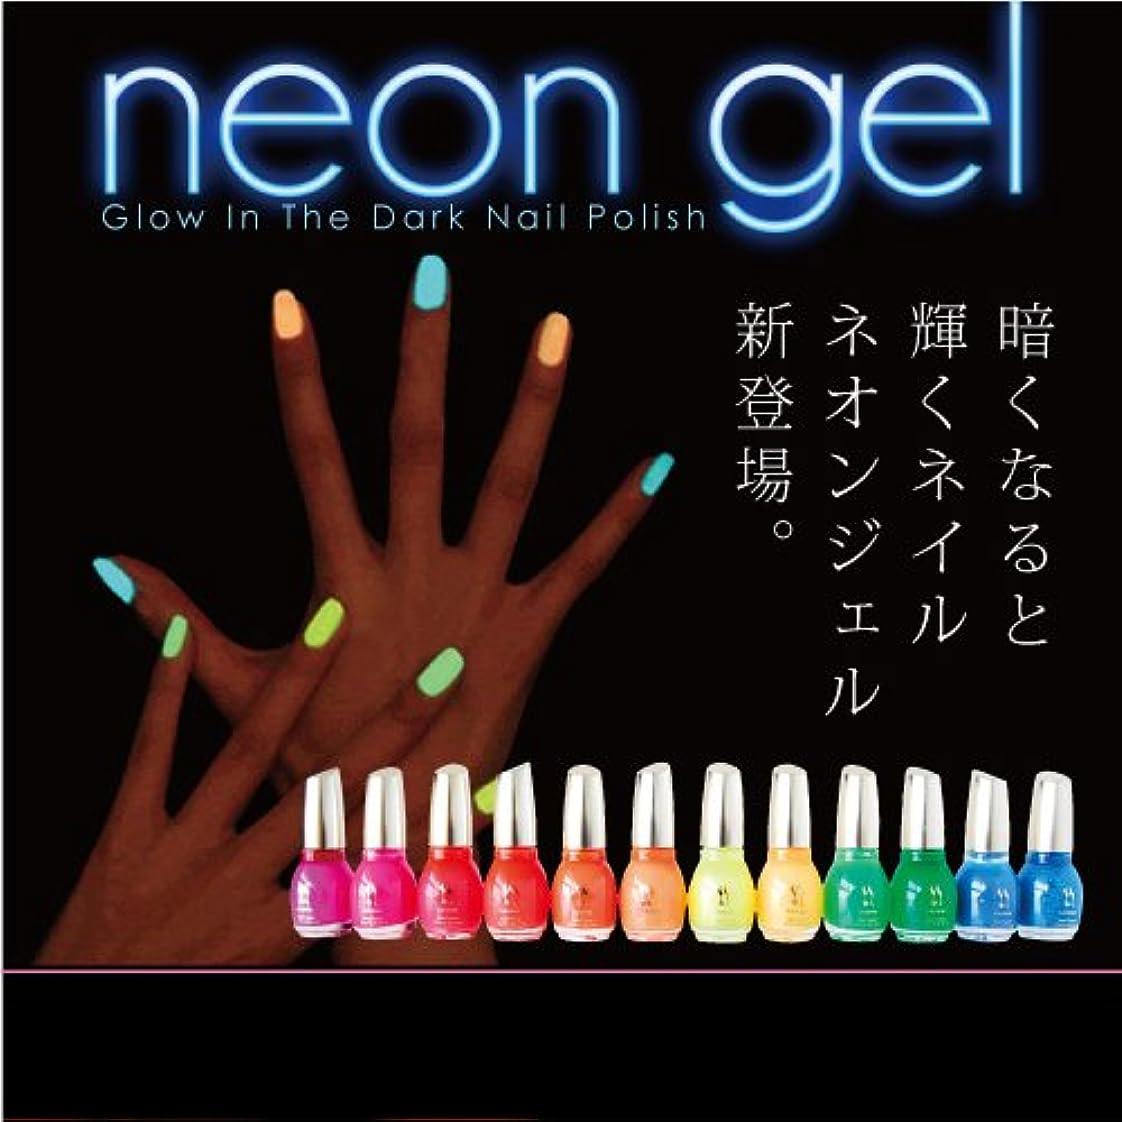 振る舞う国籍忌まわしいNeon Gel -Glow In The Dark- 蛍光ネイルポリッシュ 15ml カラー:08 ディープグリーン [マニキュア ネイルカラー ジェルネイルカラー ネイルポリッシュ SHANTI]